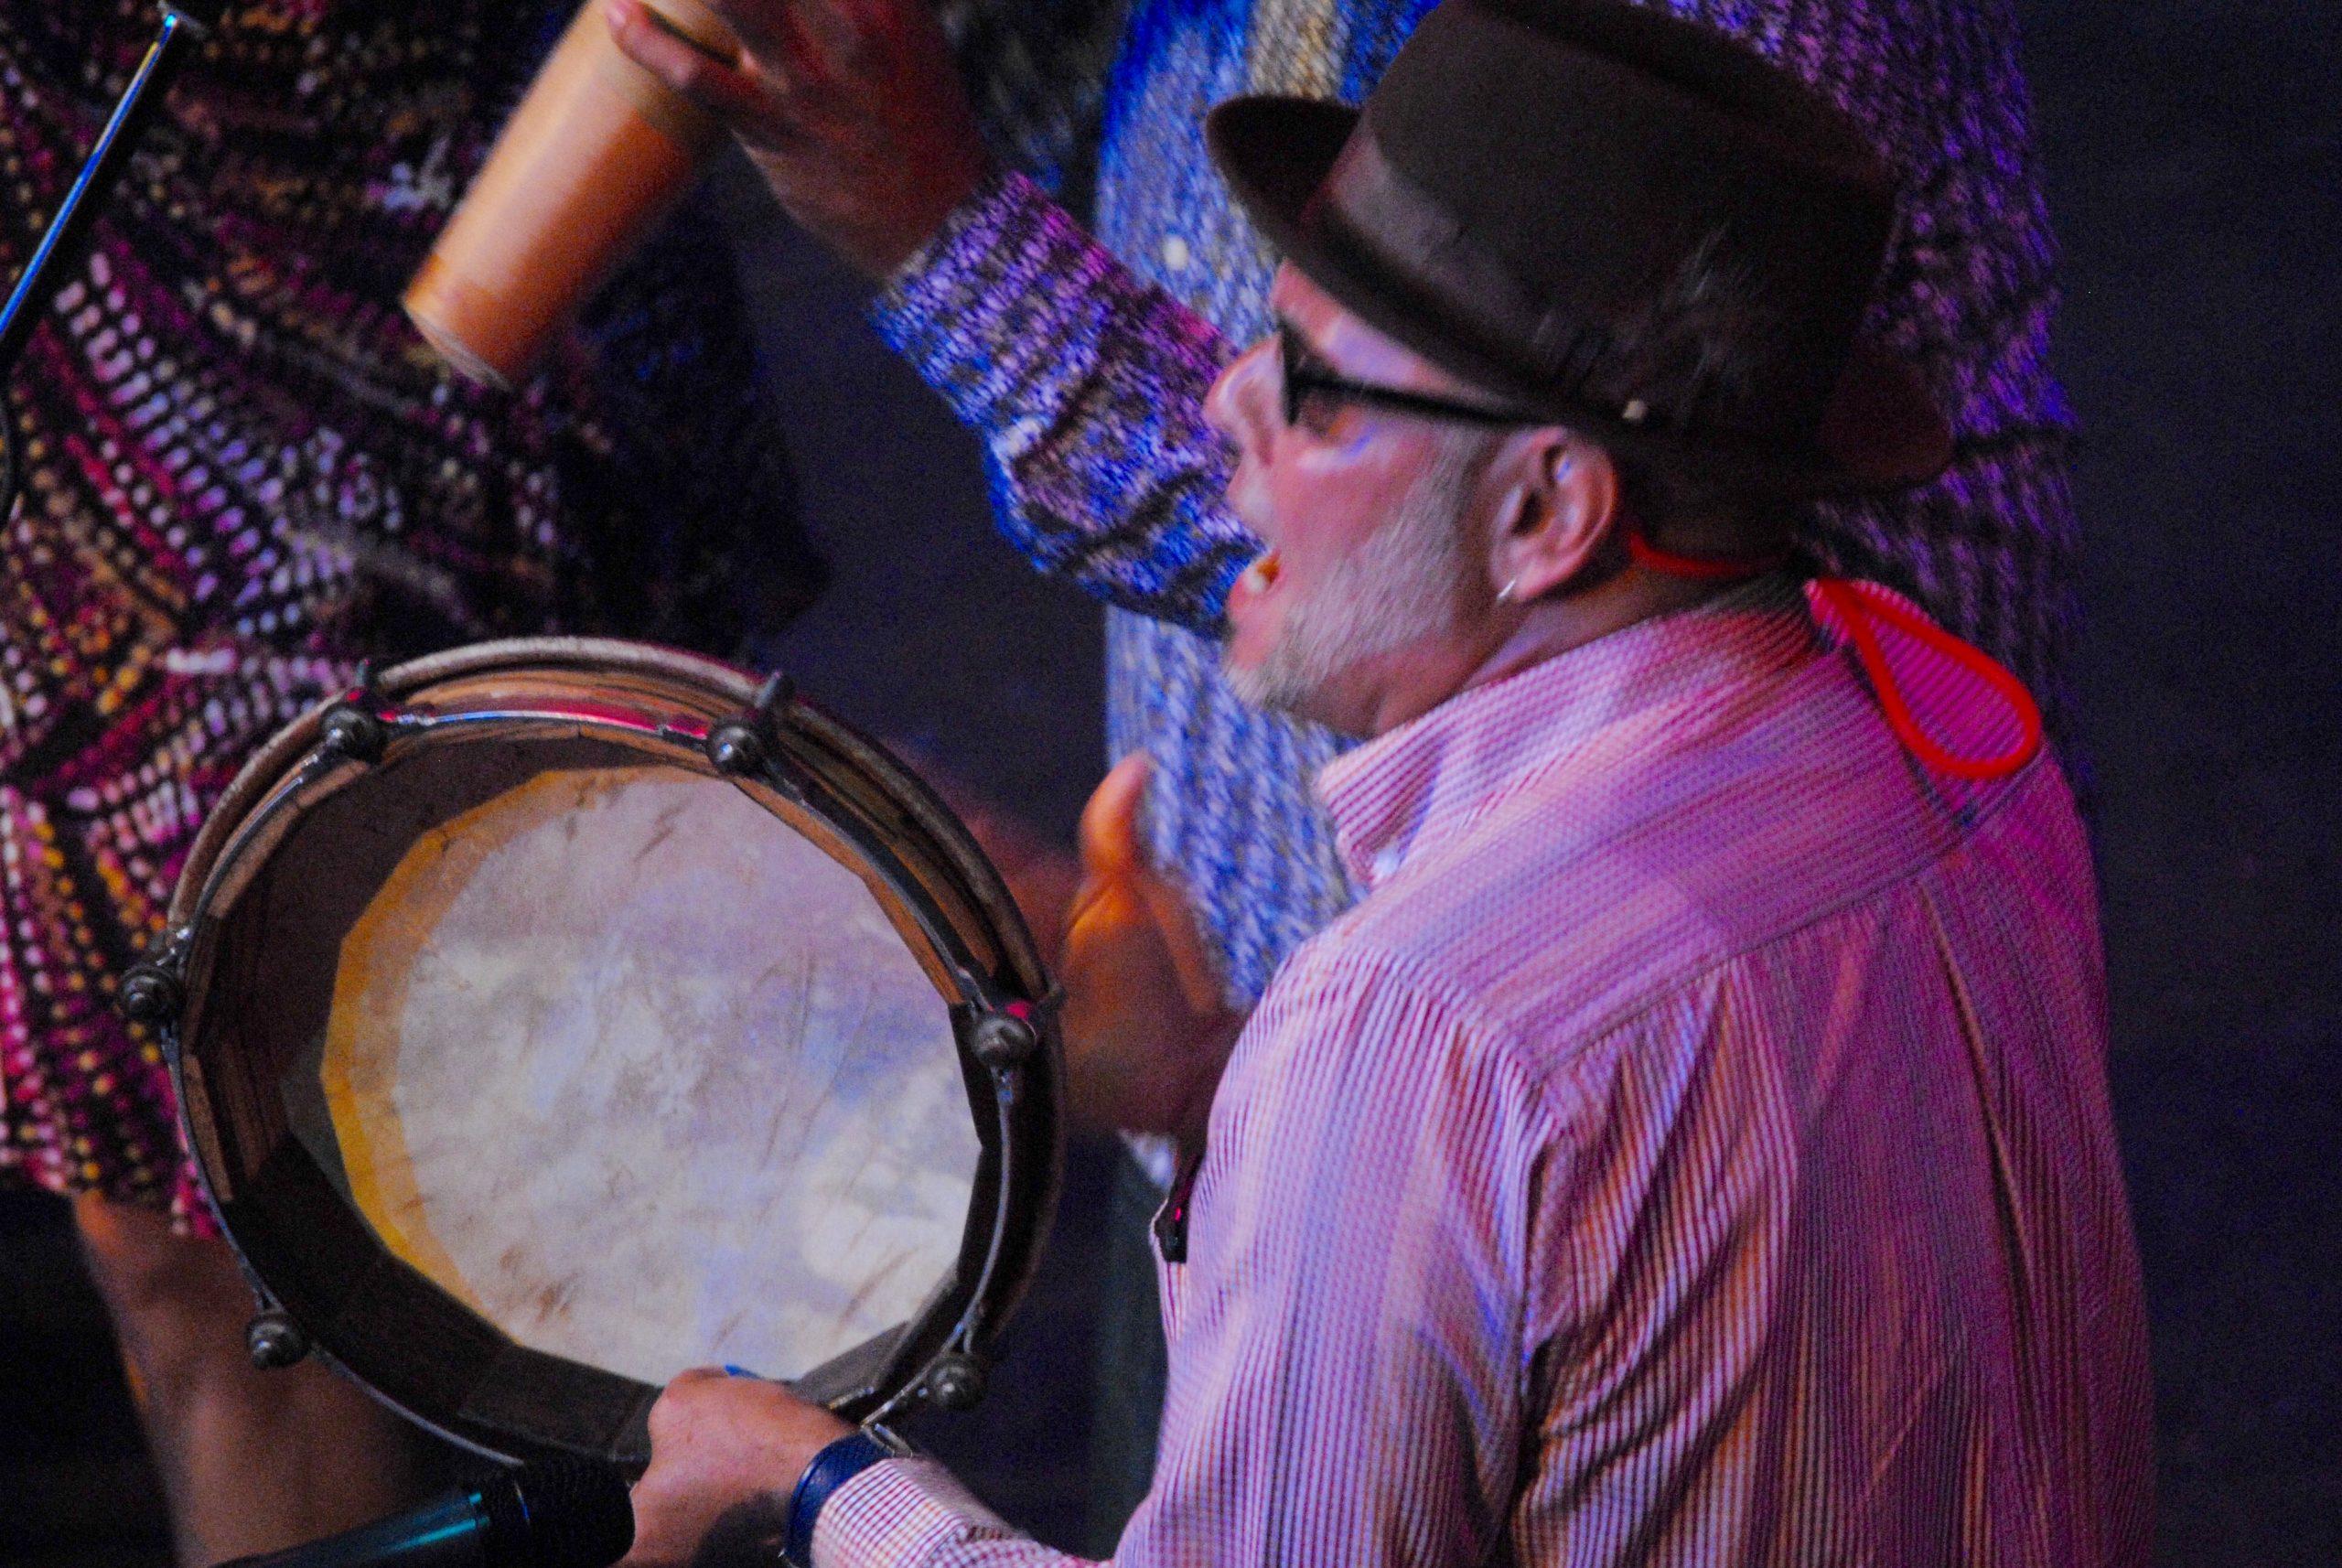 Viento de Agua inundó de ritmo el Tapia con temas procedentes de sus cuatro producciones discográficas. (Foto Jaime Torres Torres para Fundación Nacional para la Cultura Popular)